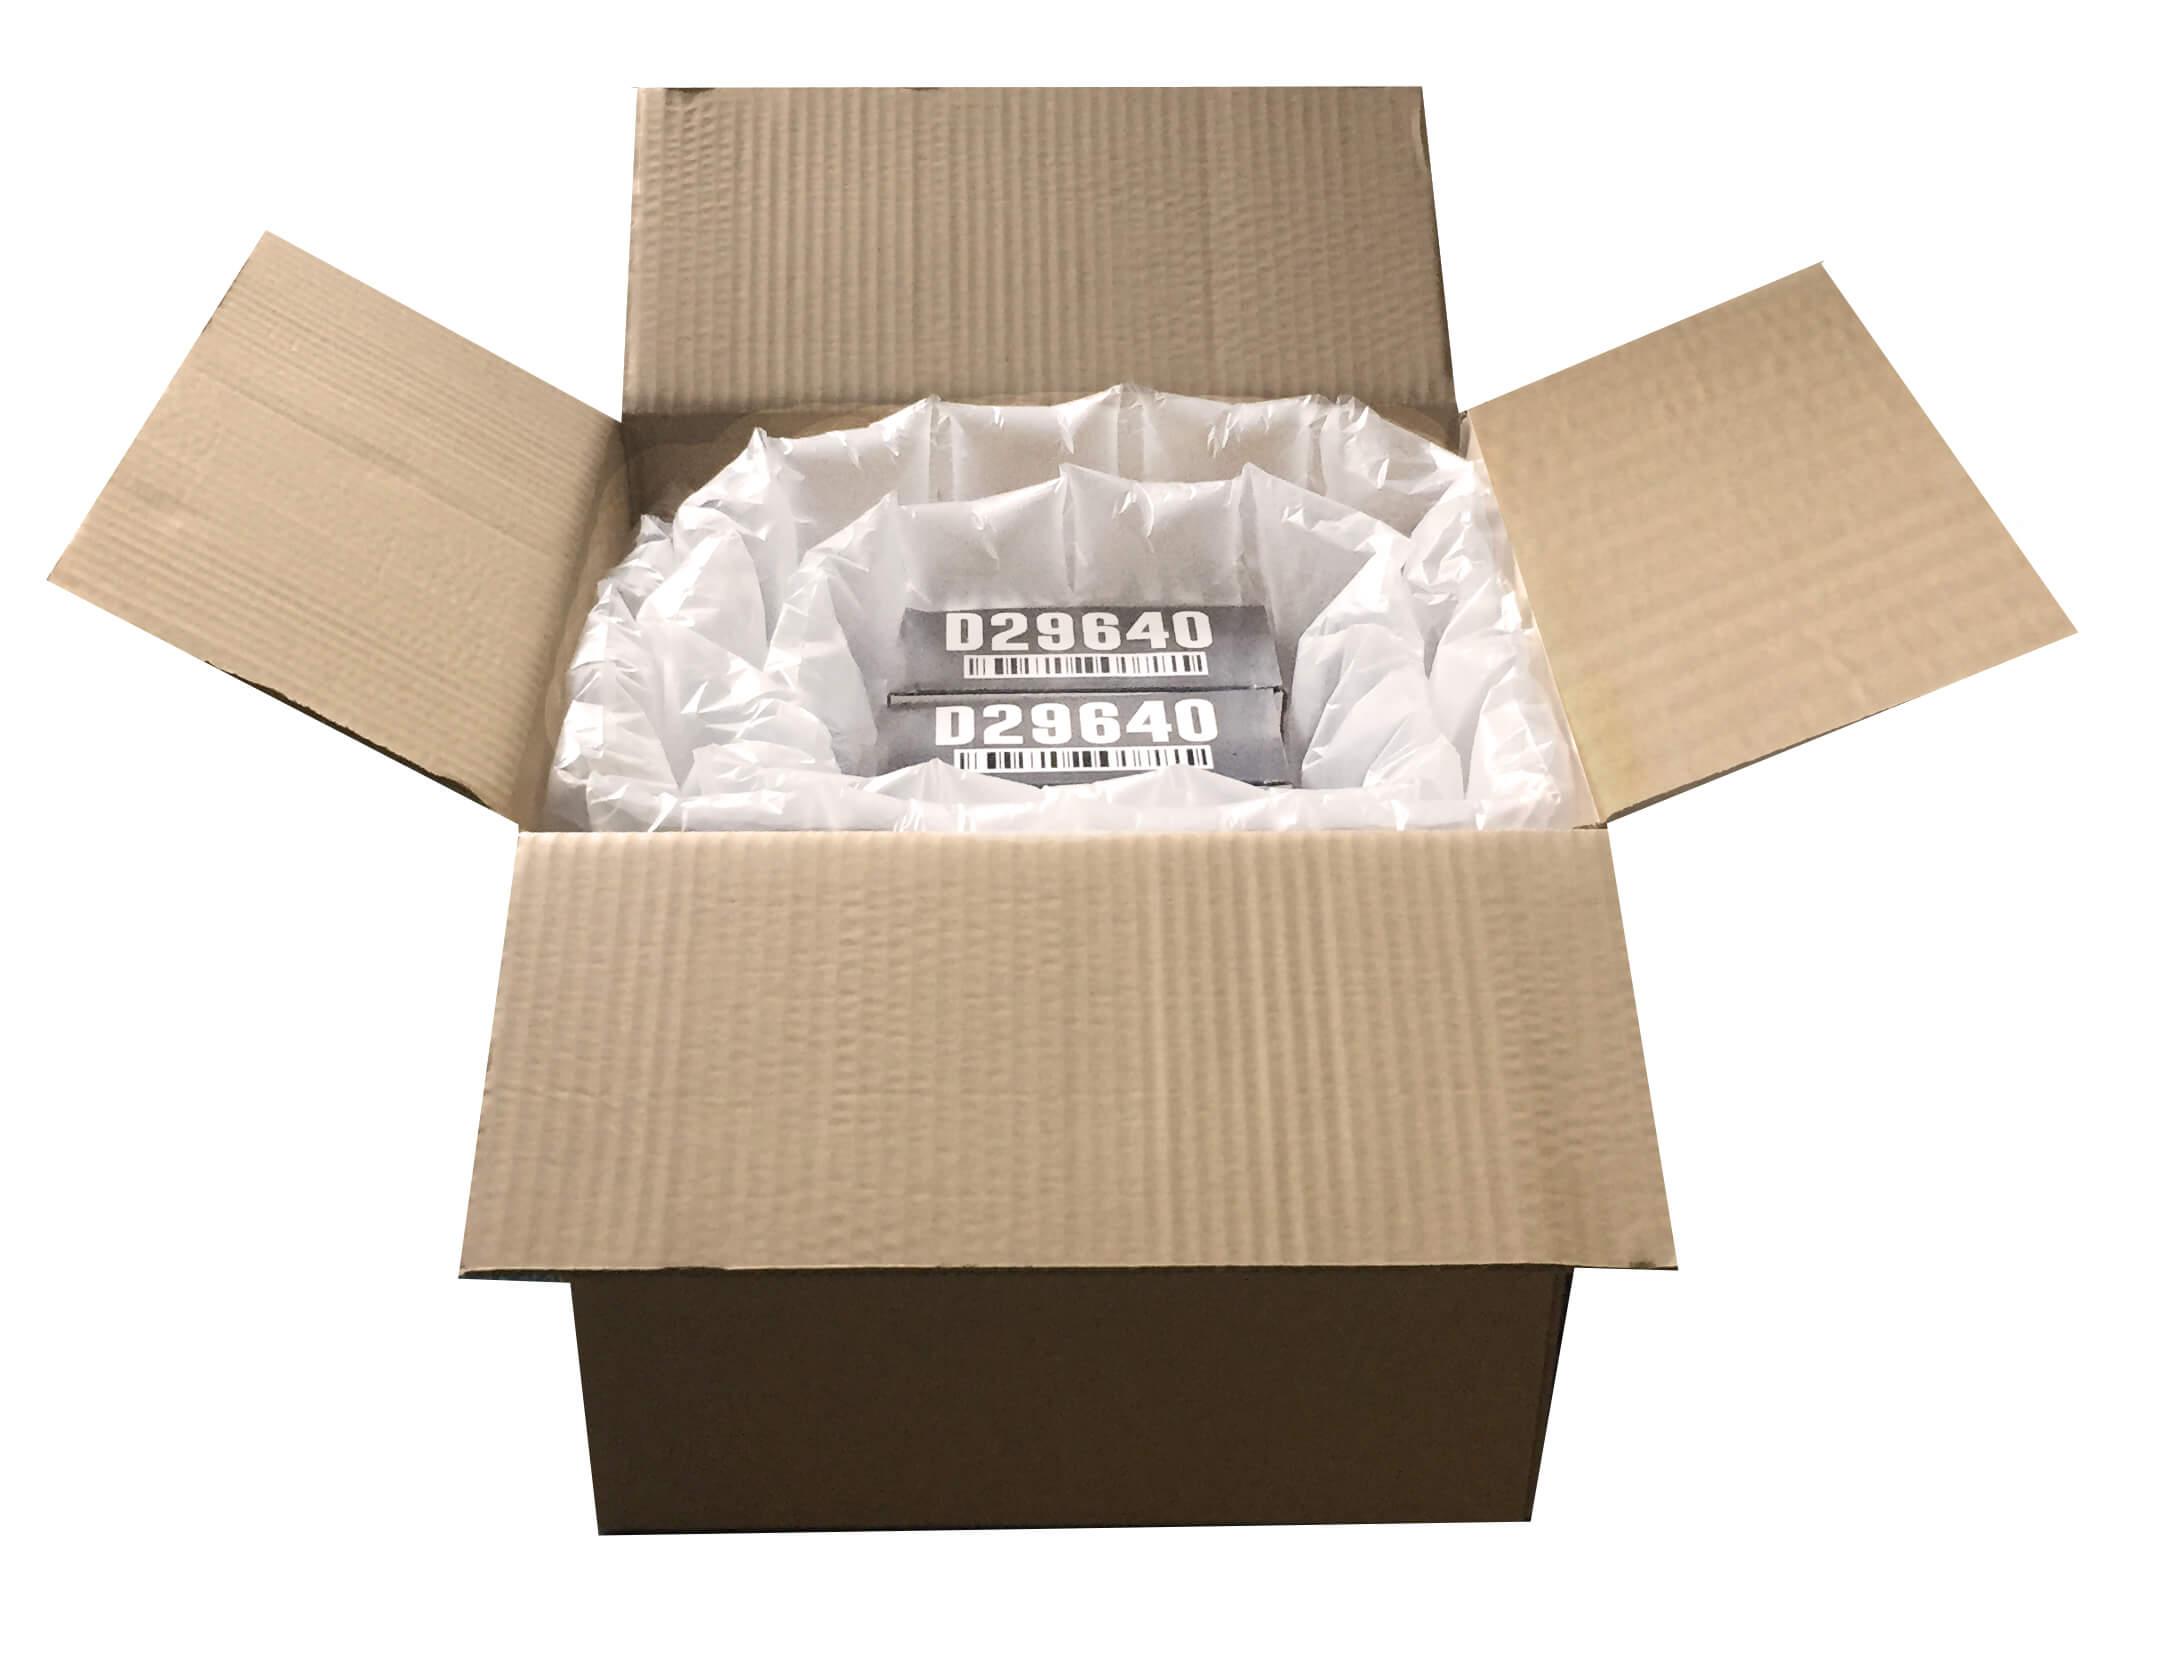 box_air bags